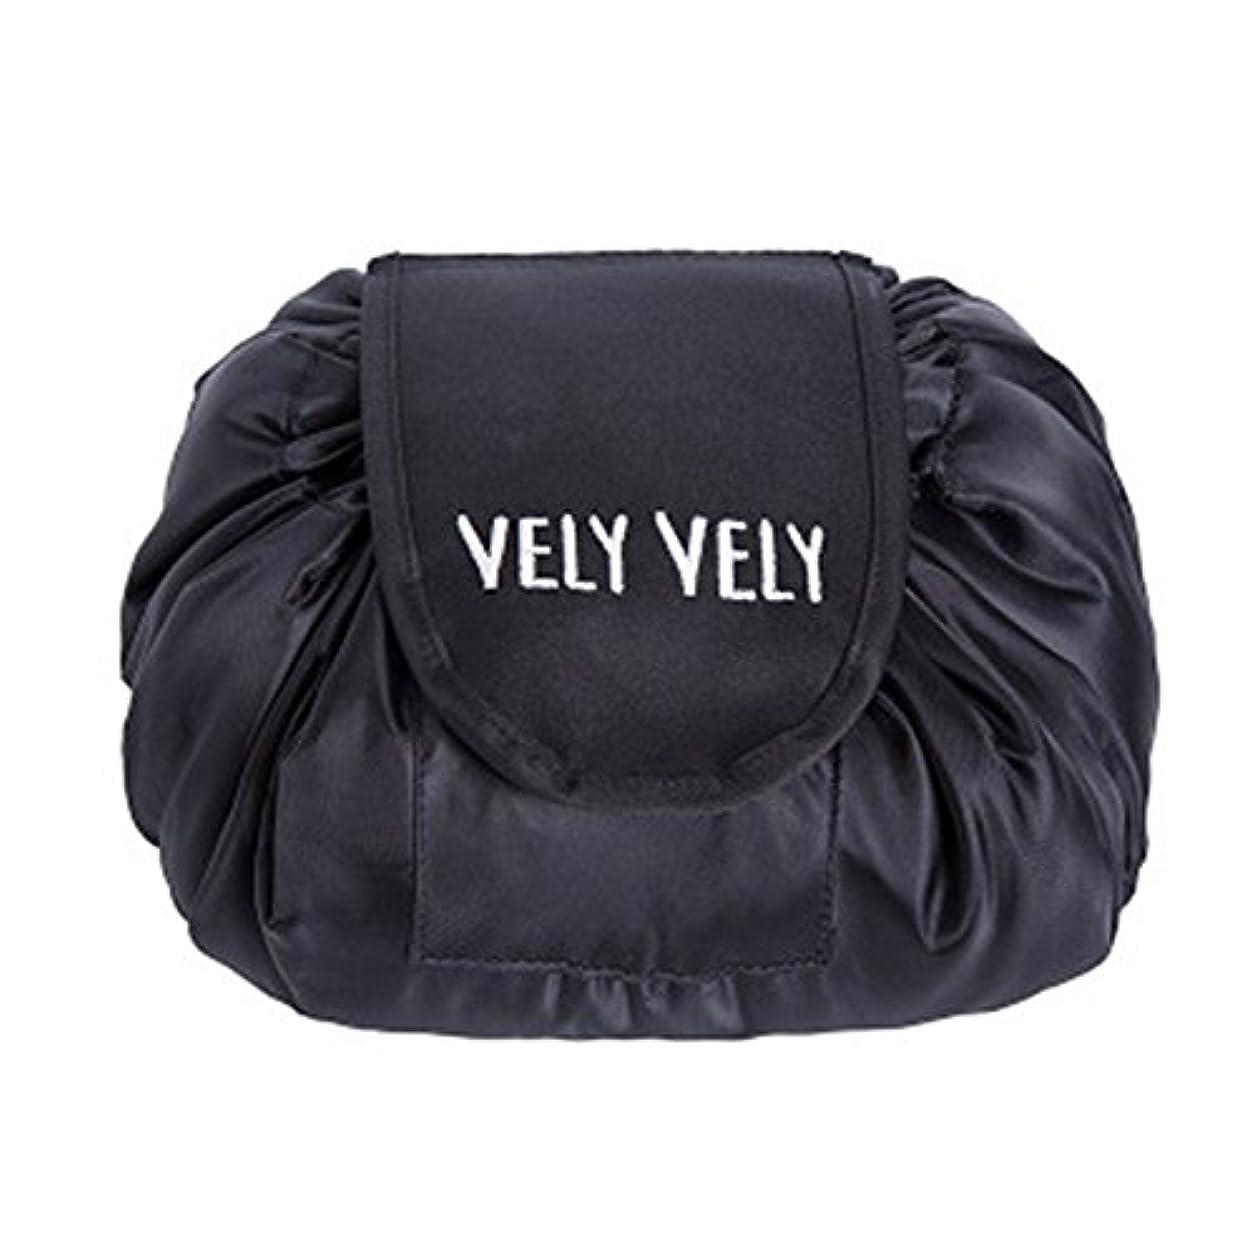 スペードジャンプする本気Littleliving 旅行メイクバッグ 旅行化粧バッグ メイク収納バッグ 化粧ポーチ 大容量 巾着 マジックふろしきポーチ